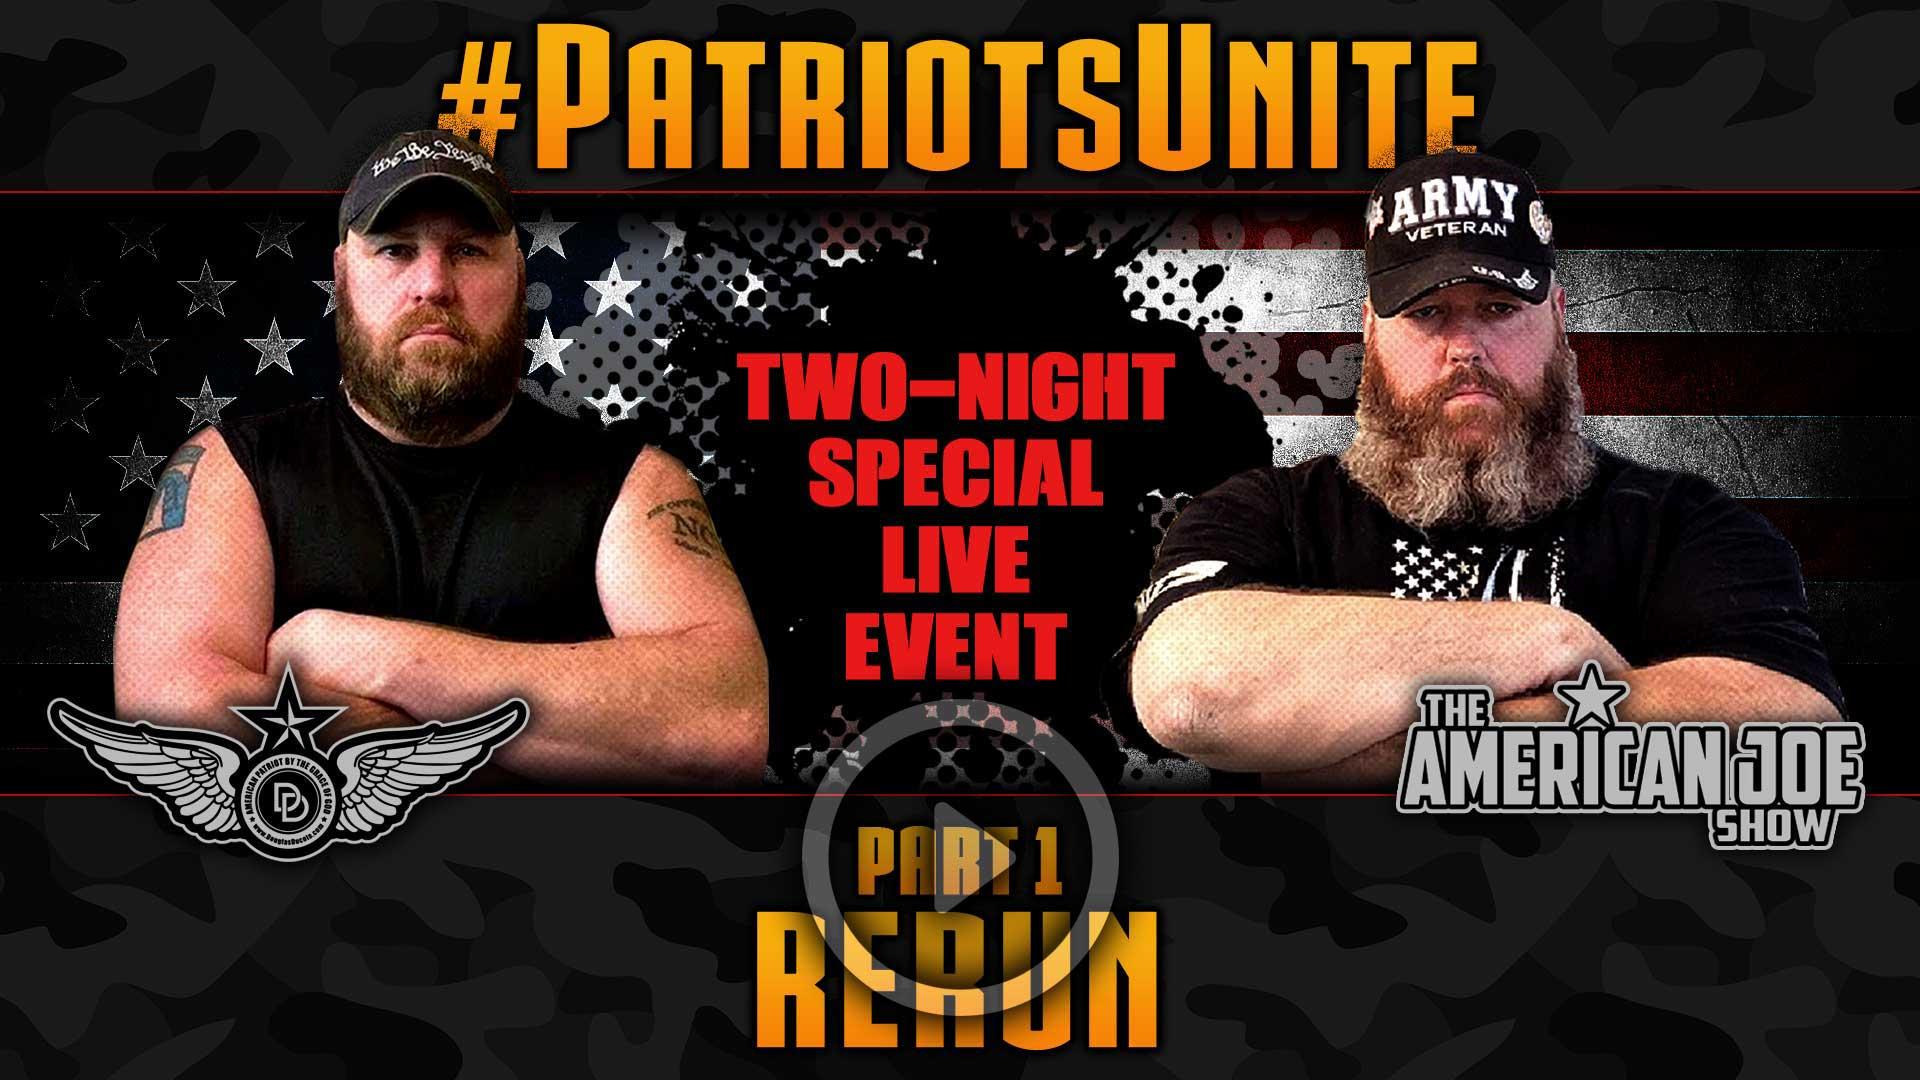 Patriots-Unite-Part-1-2